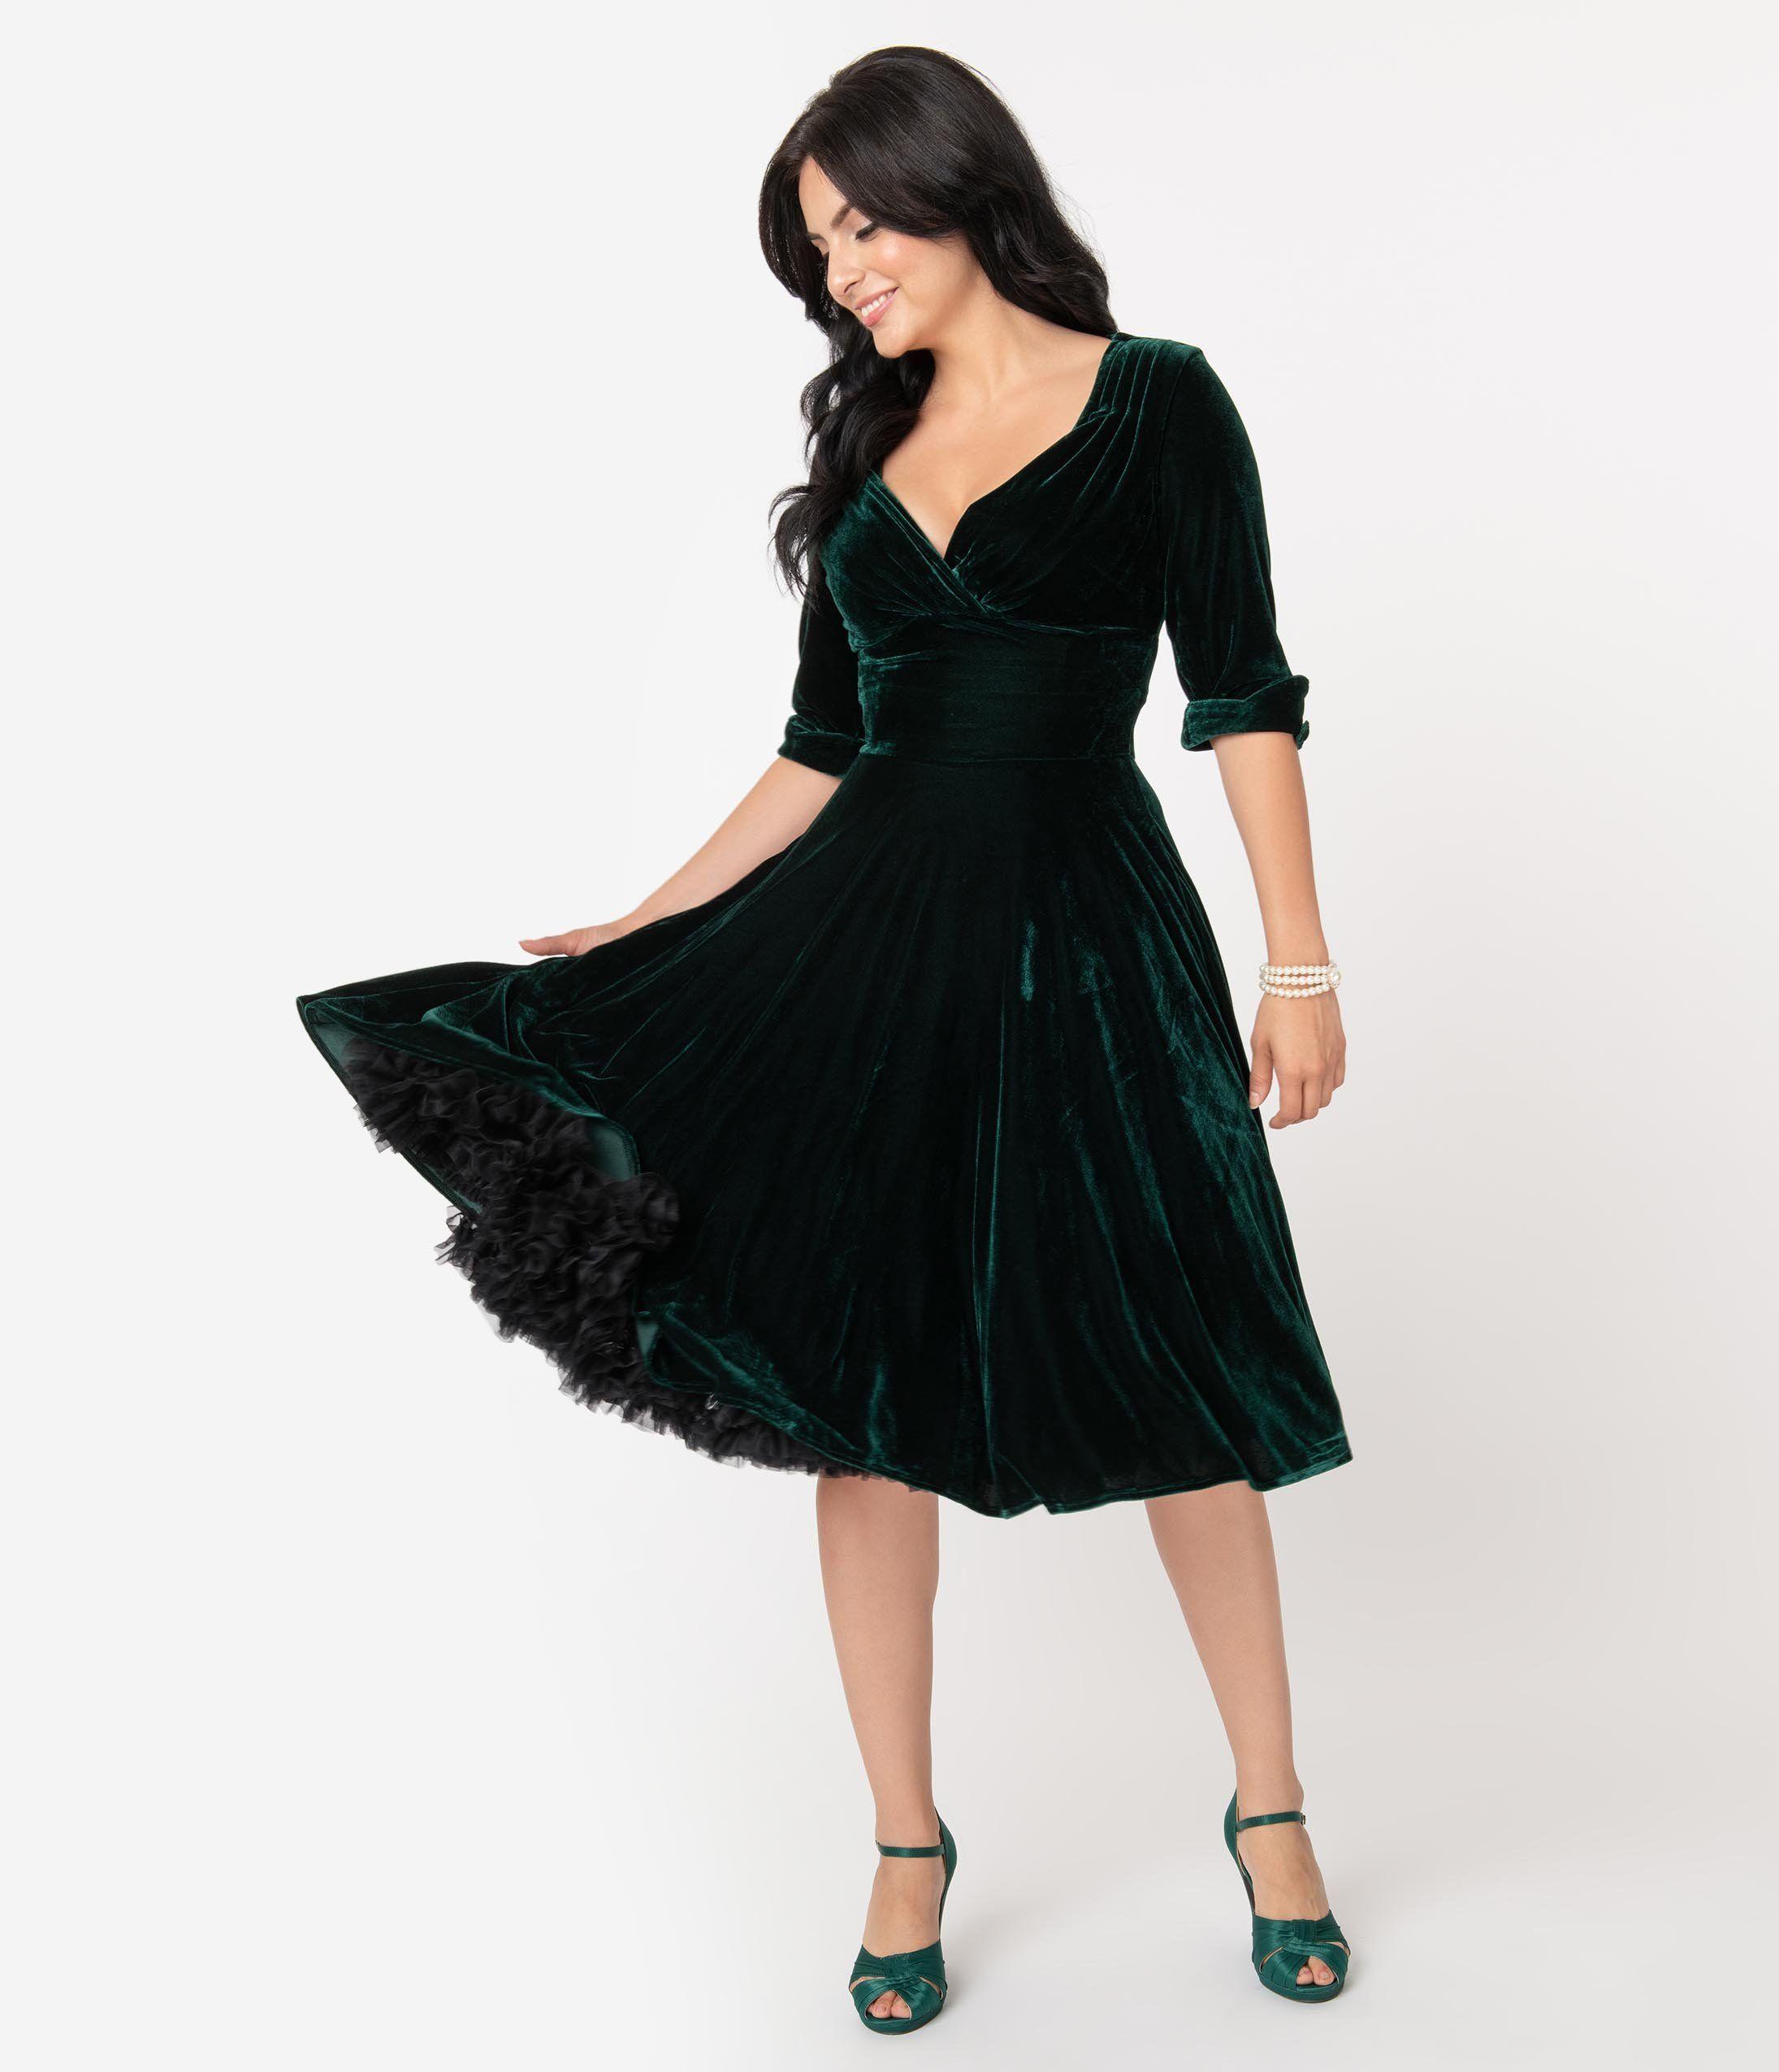 Unique Vintage 1950s Emerald Green Velvet Delores Swing Dress With Sleeves Swing Dress With Sleeves Emerald Green Velvet Dress Swing Dress [ 2550 x 2190 Pixel ]